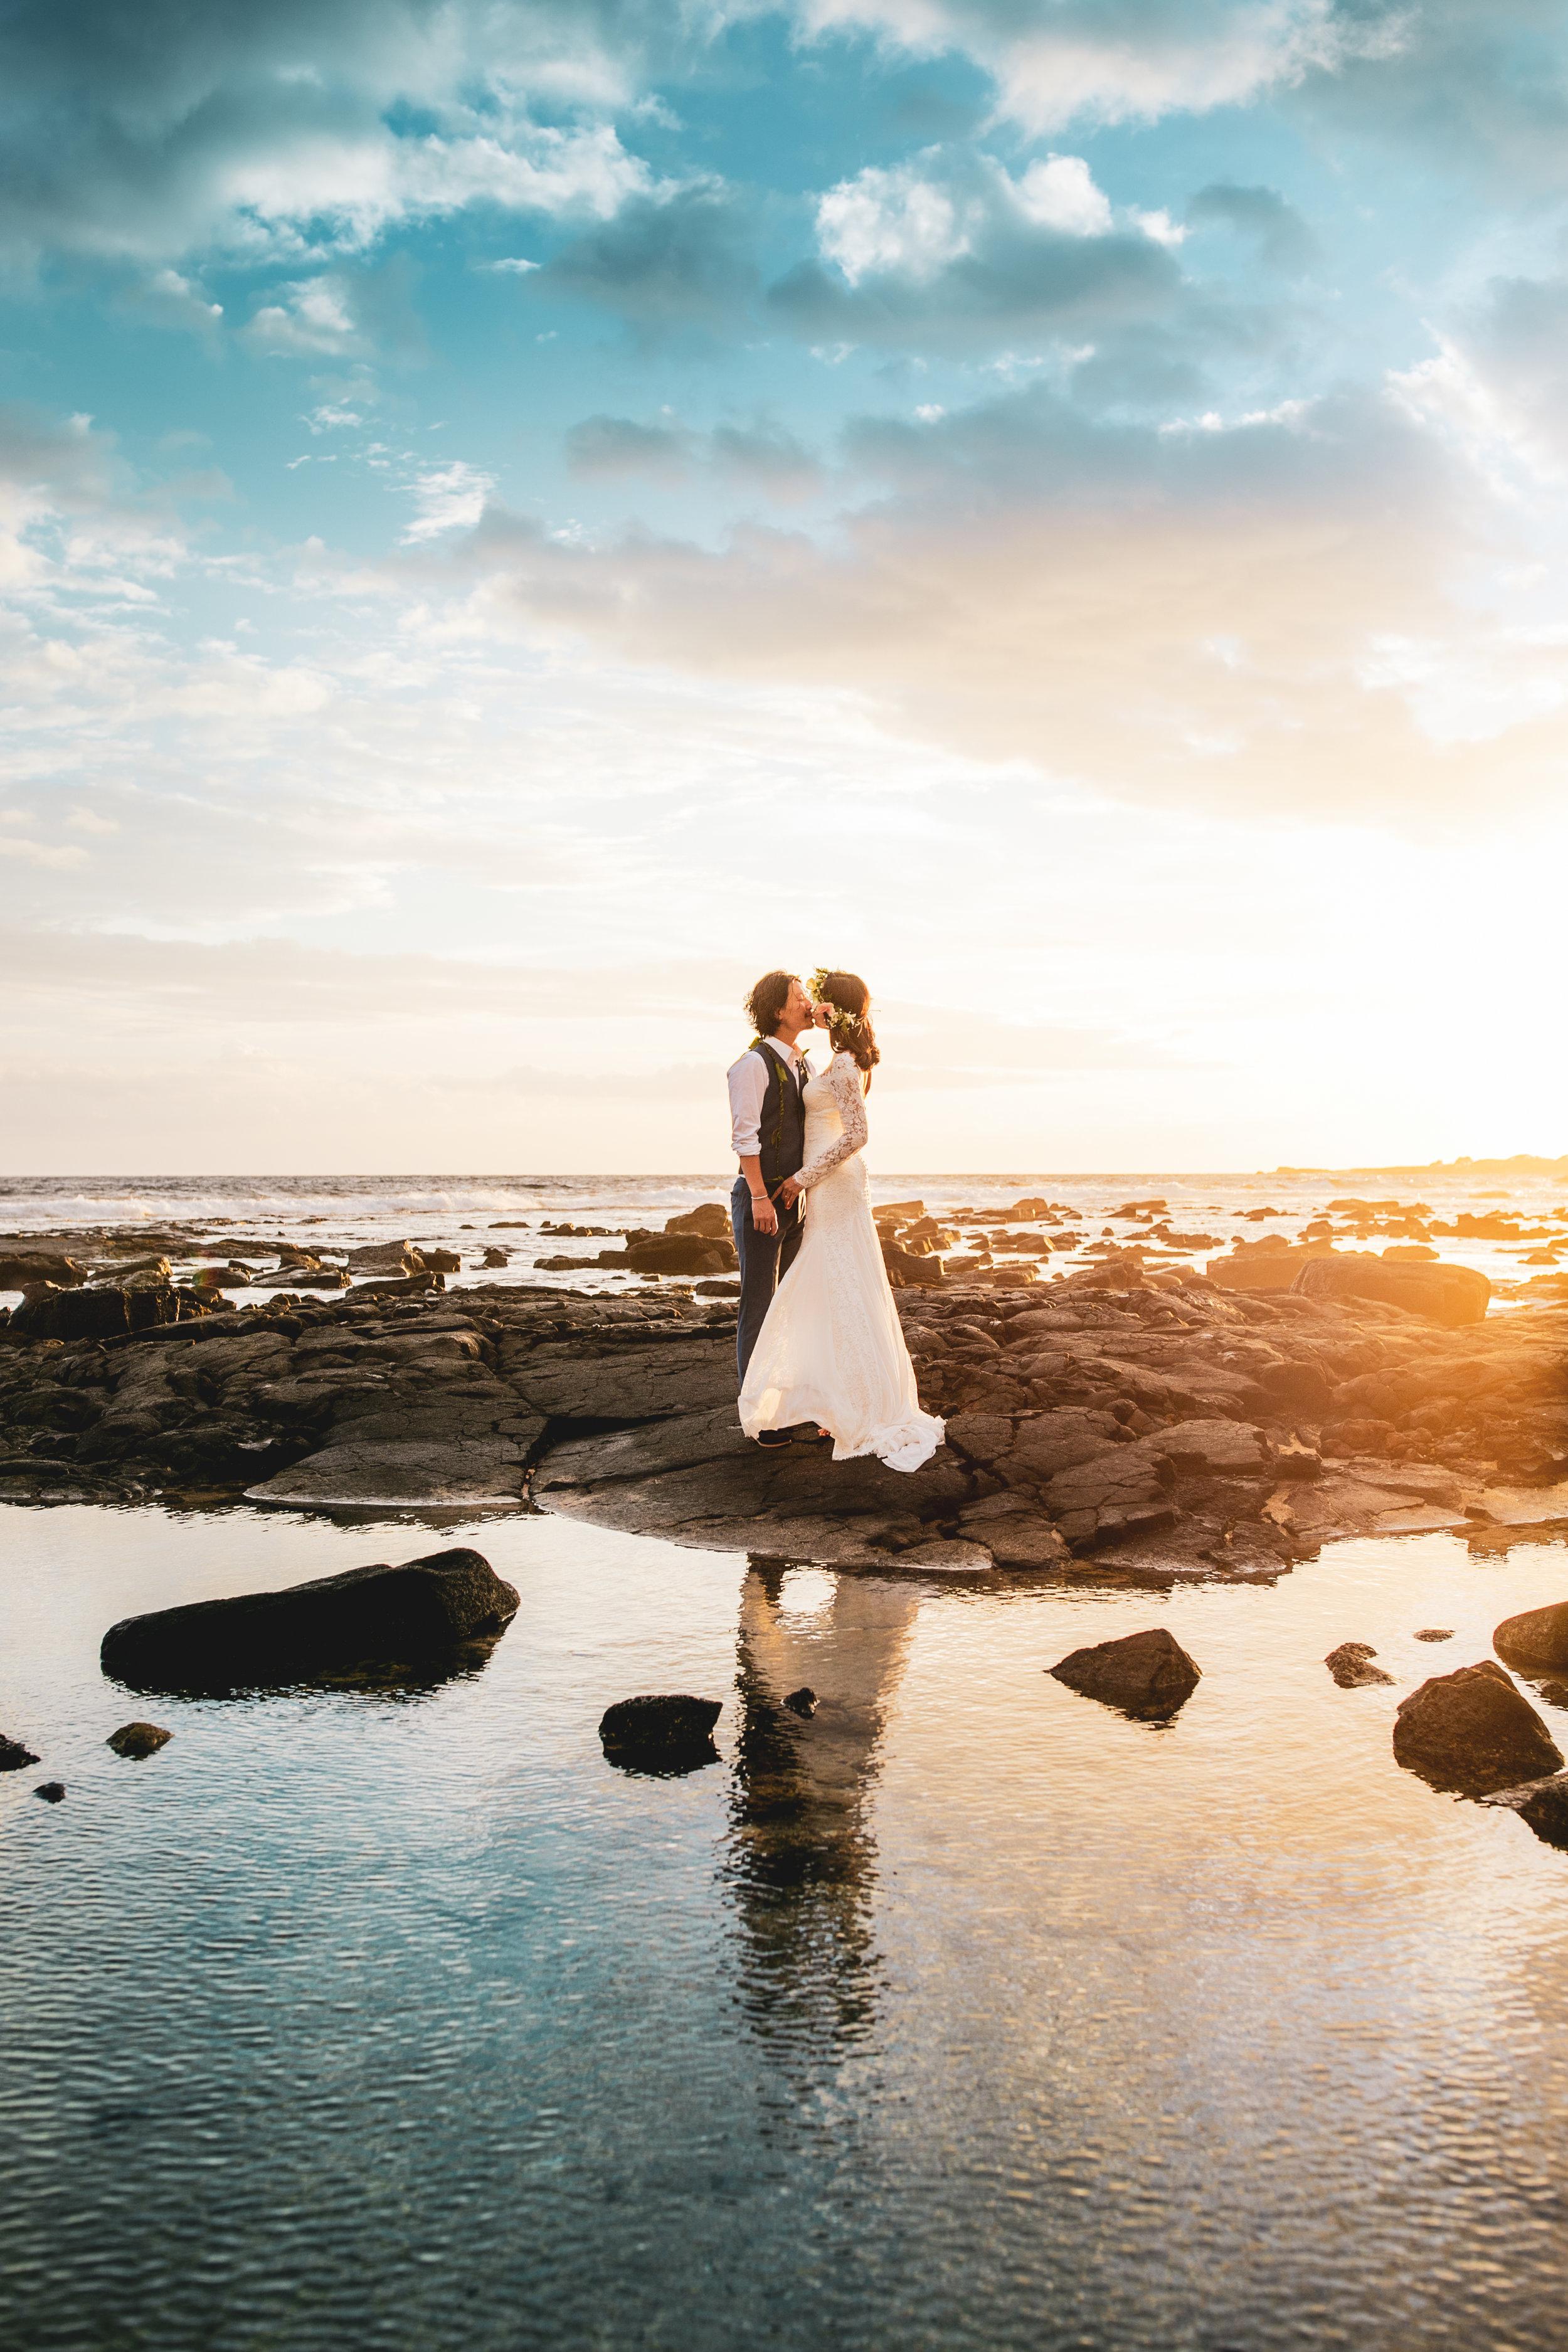 big island hawaii kelilina photography 20190711185046-1.jpg